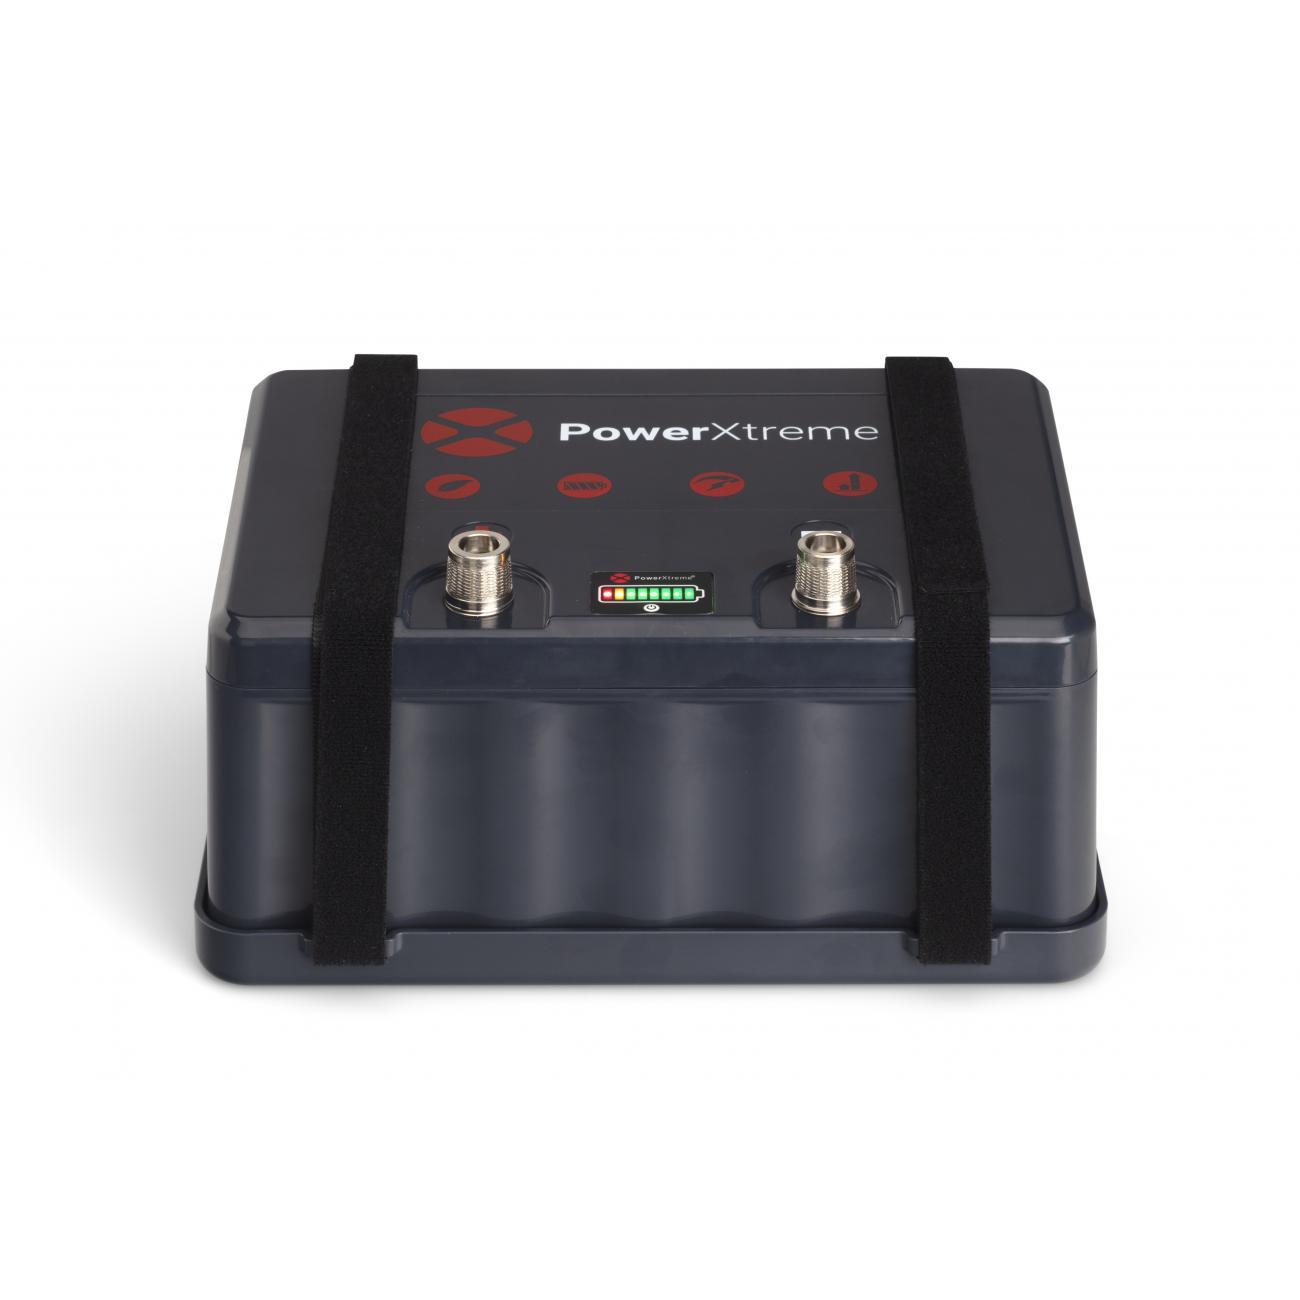 PowerXtreme X20